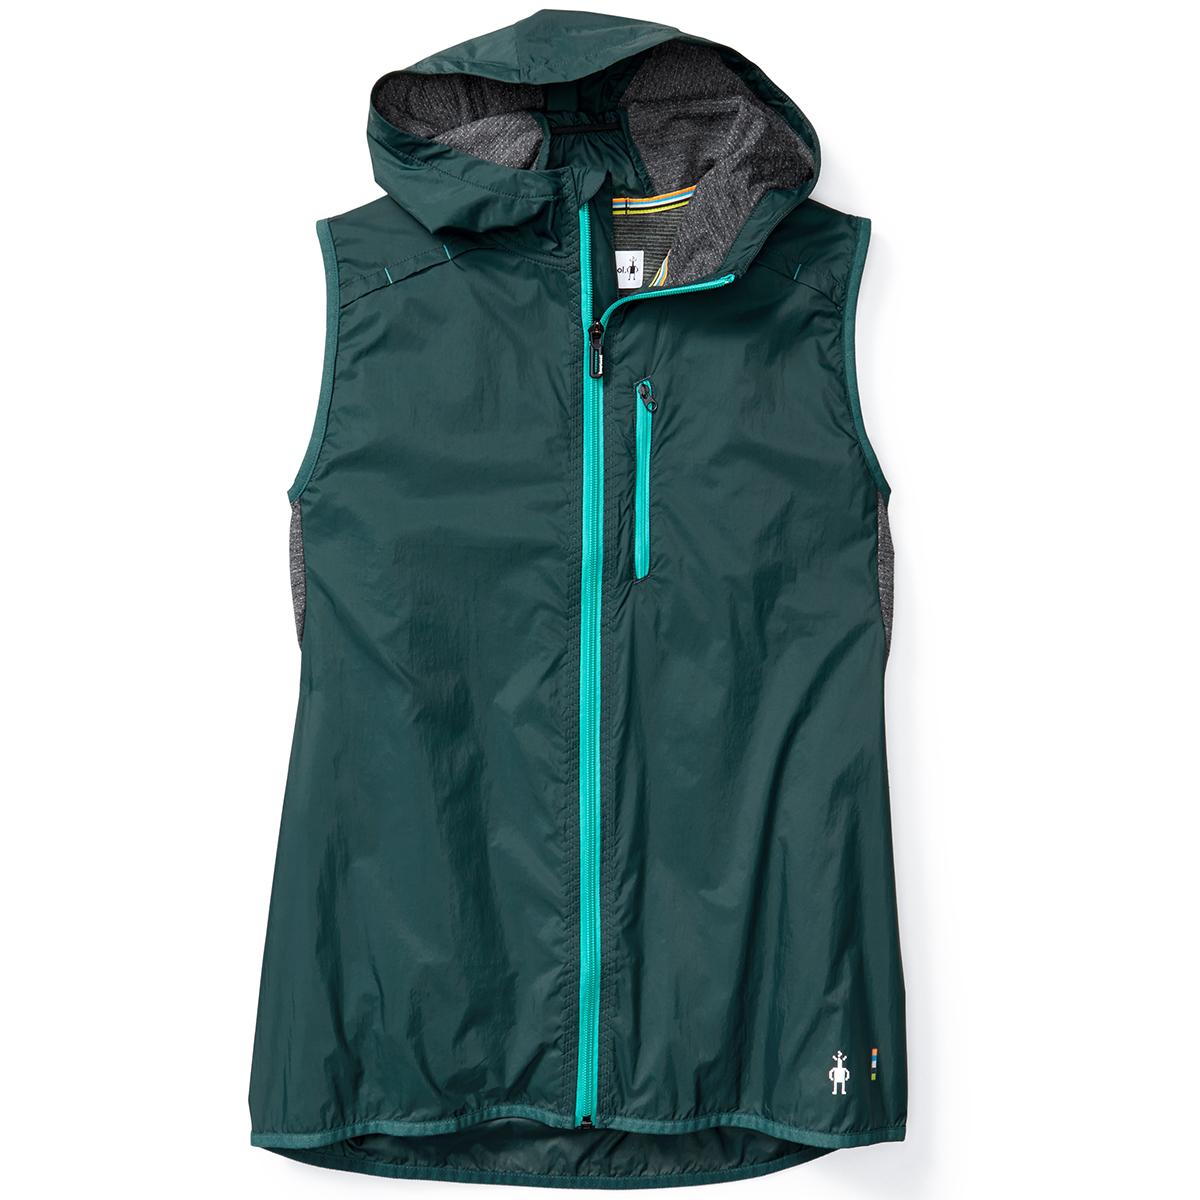 Smartwool Women's Phd Ultra Light Sport Vest - Green, L